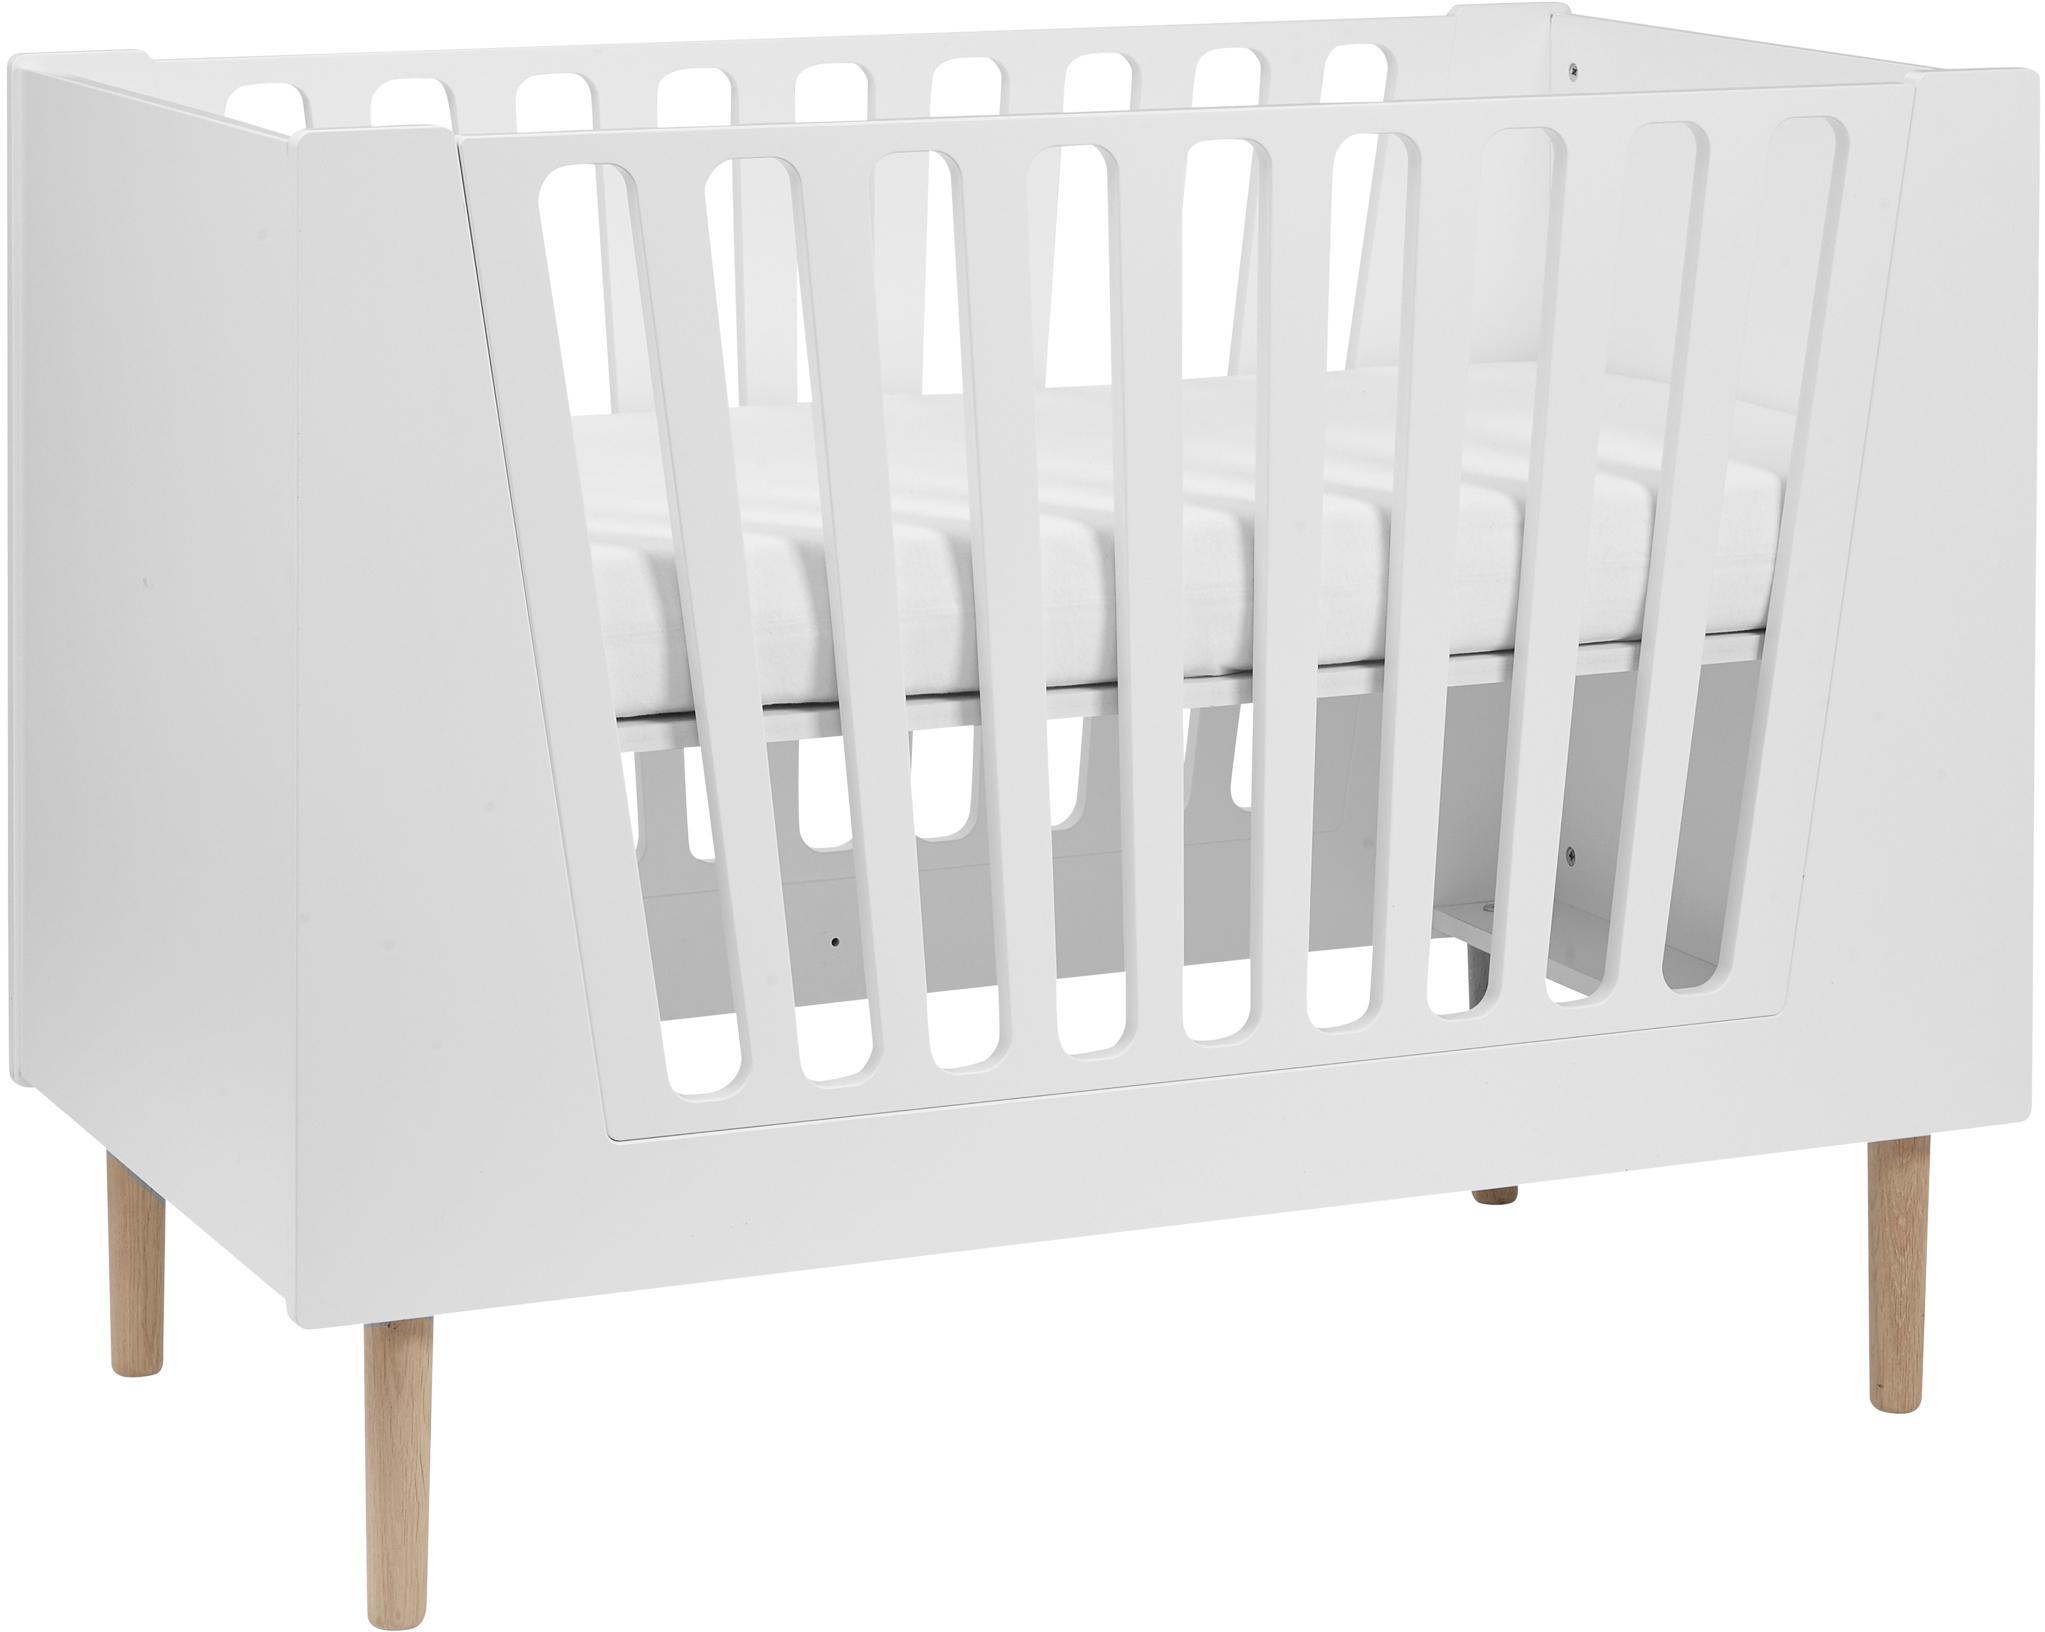 Łóżeczko dziecięce Sleep Tight, Nogi: drewno naturalne, Biały, S 125 x W 92 cm